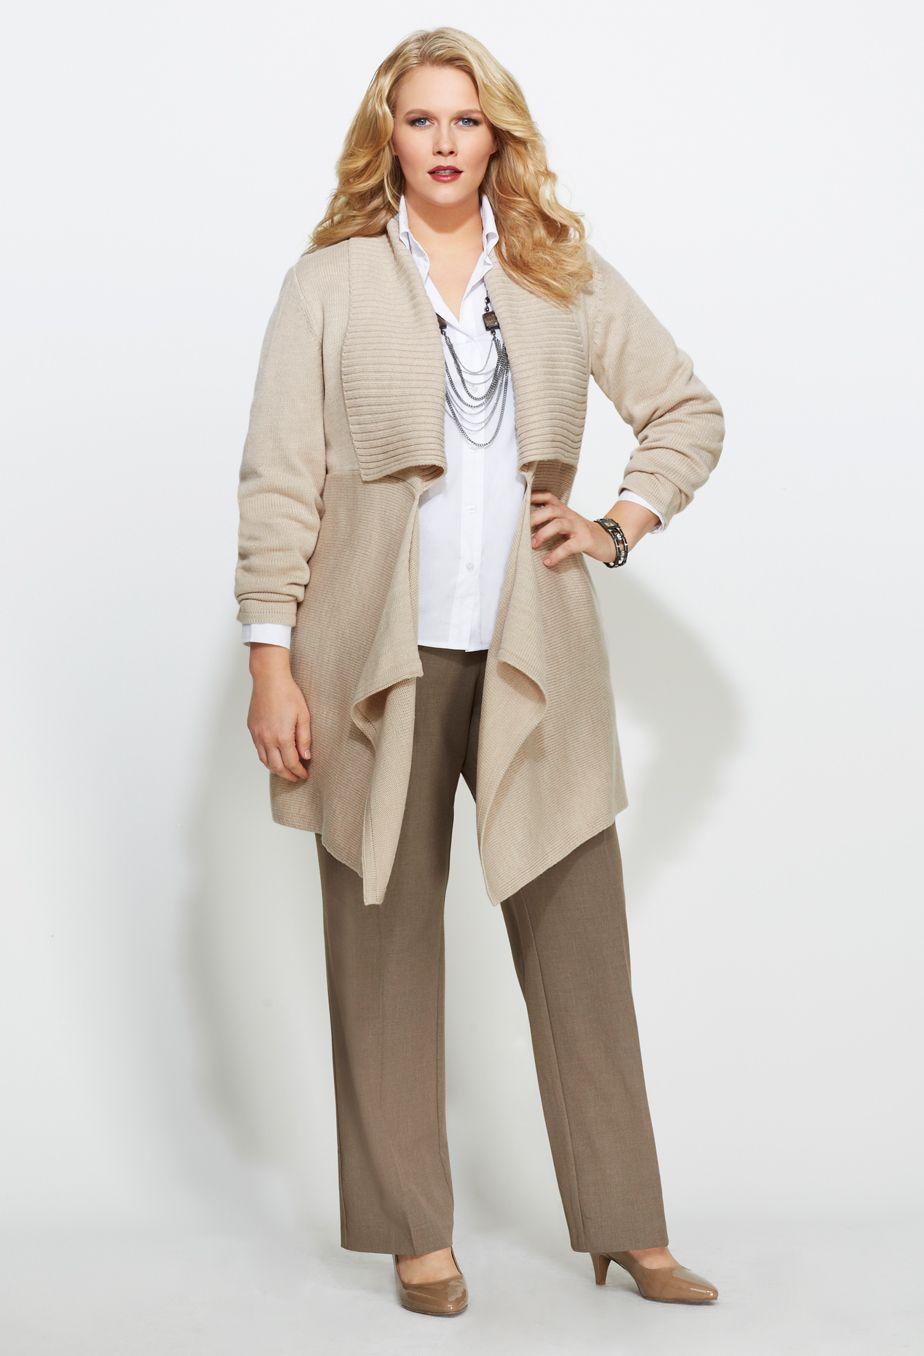 Plus Size Long Works  Plus Size Pants  Avenue  Womenus Business